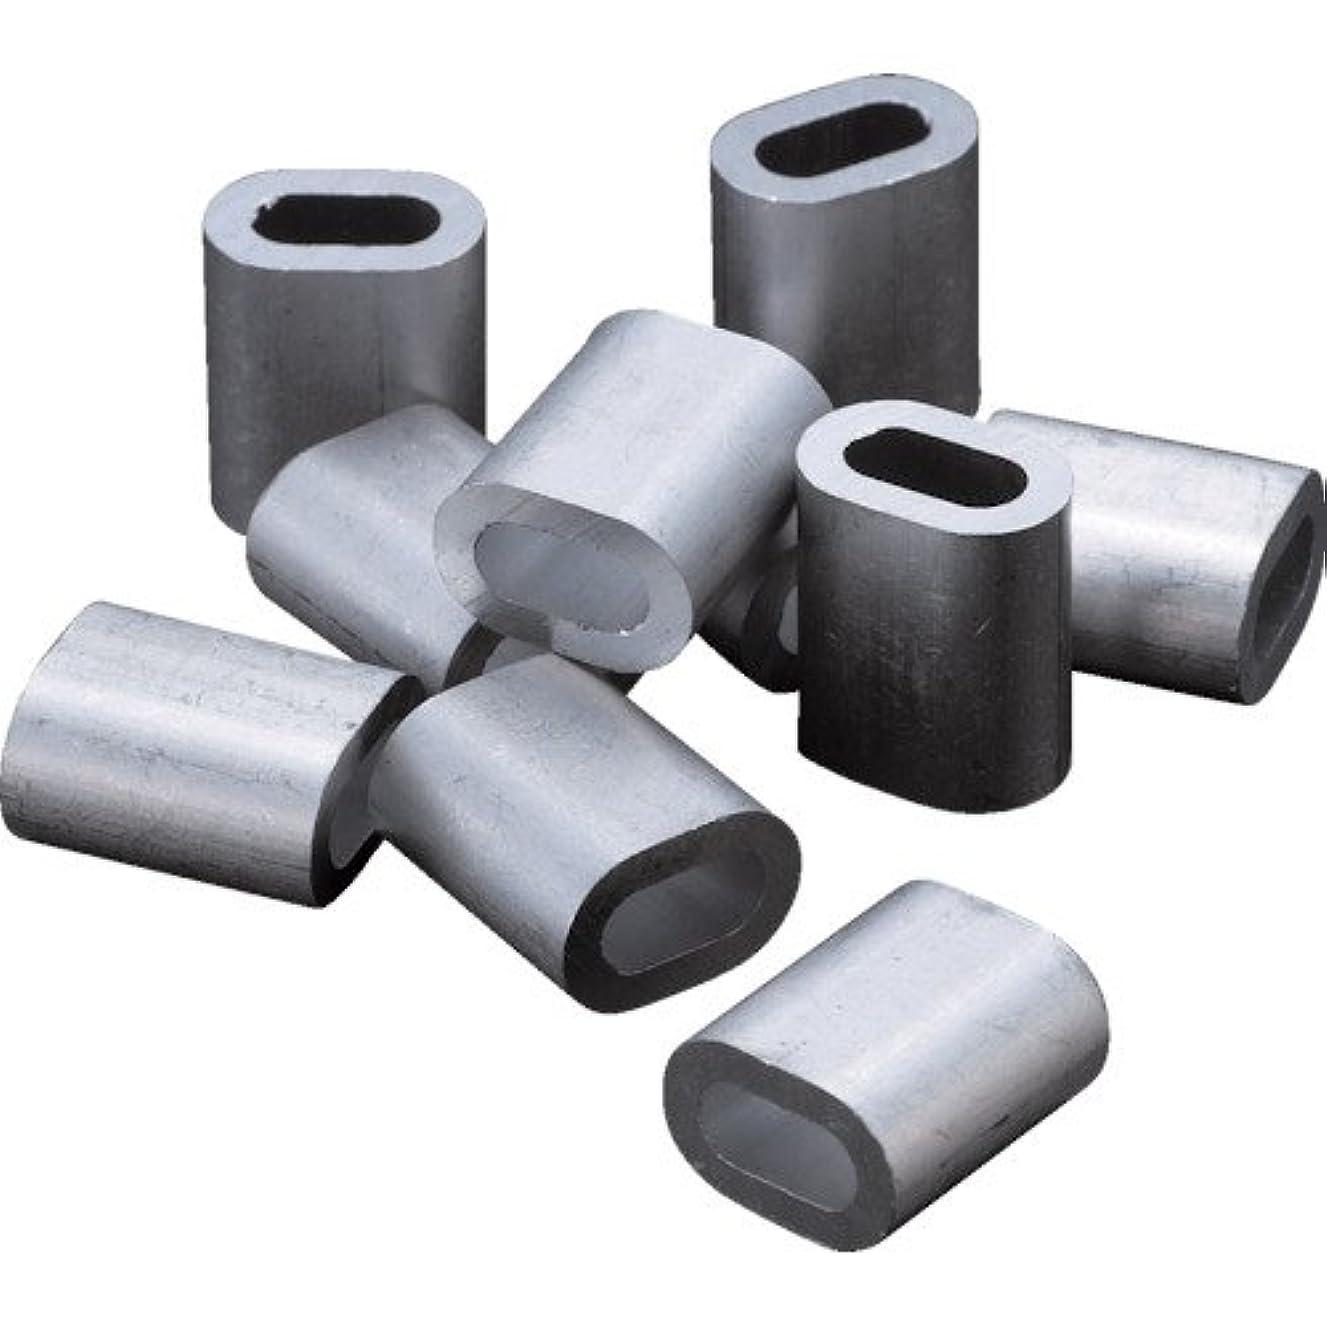 孤独レビュアー論理的TRUSCO(トラスコ) アルミスリーブ 適合ワイヤ径2.5mm 20個入 AS-25